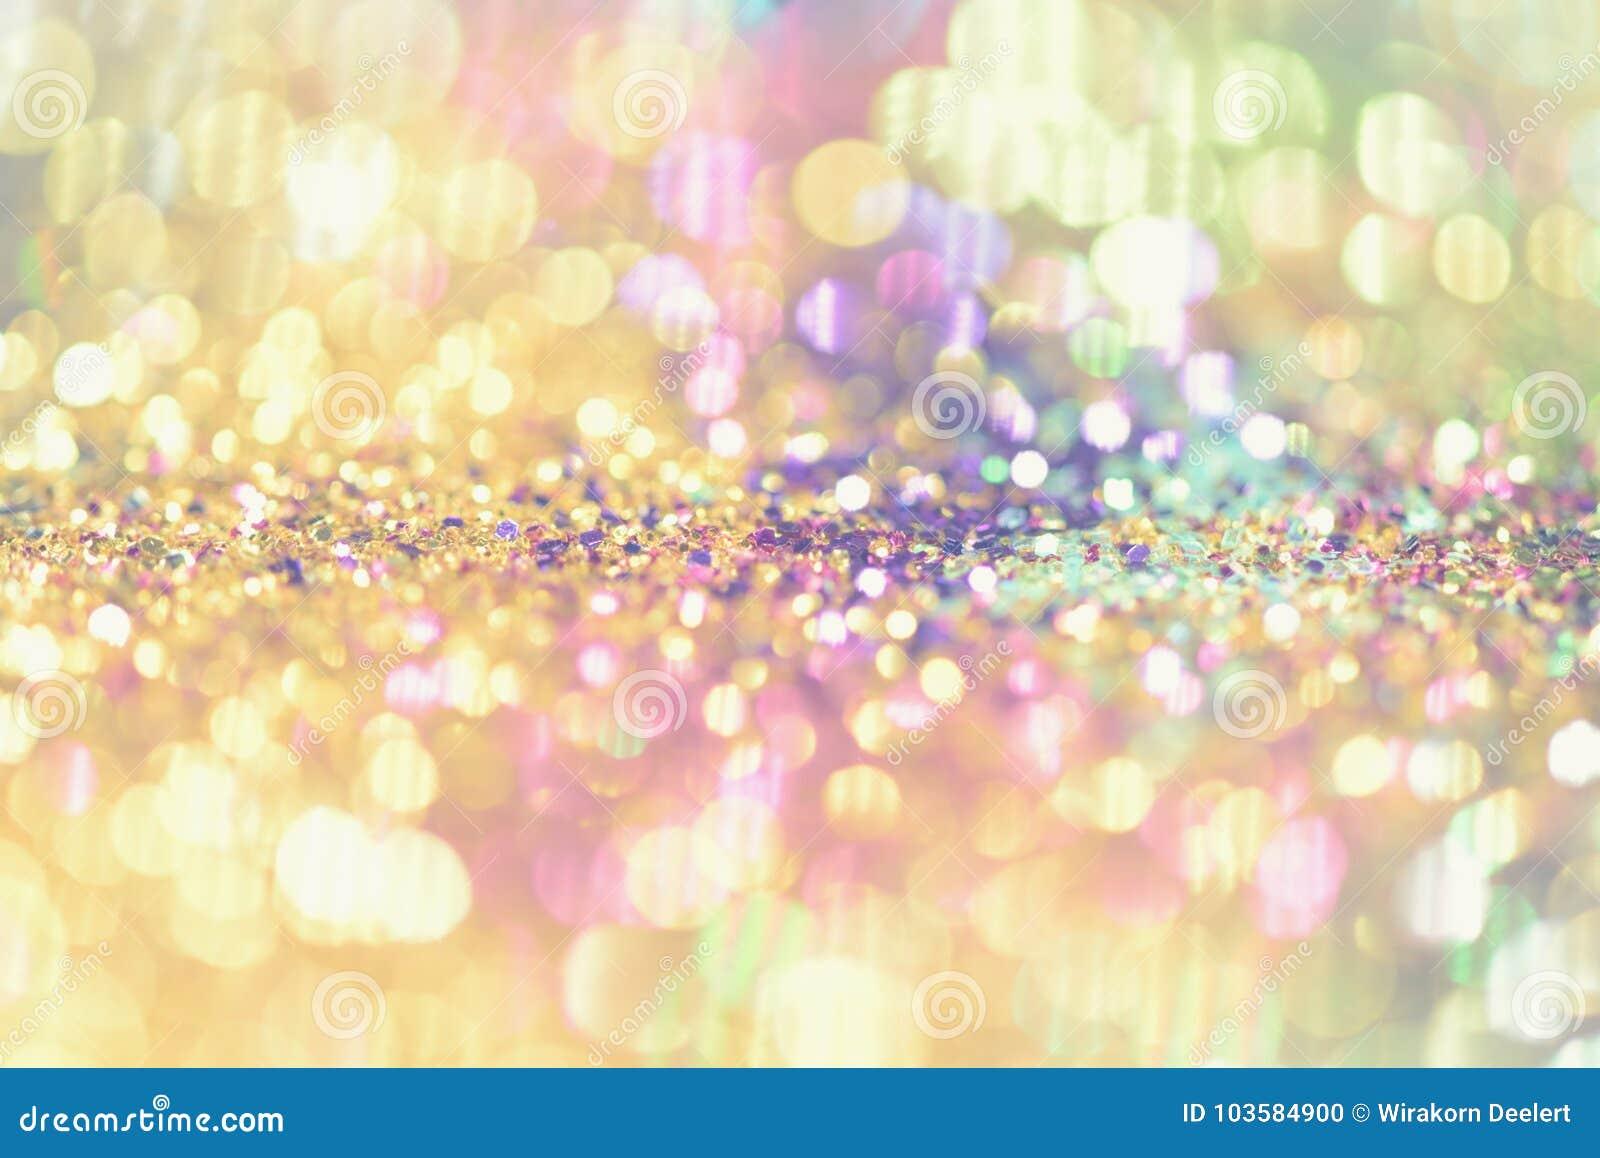 BokehColorfull suddig abstrakt bakgrund för födelsedag, årsdag, bröllop, helgdagsafton för nytt år eller jul